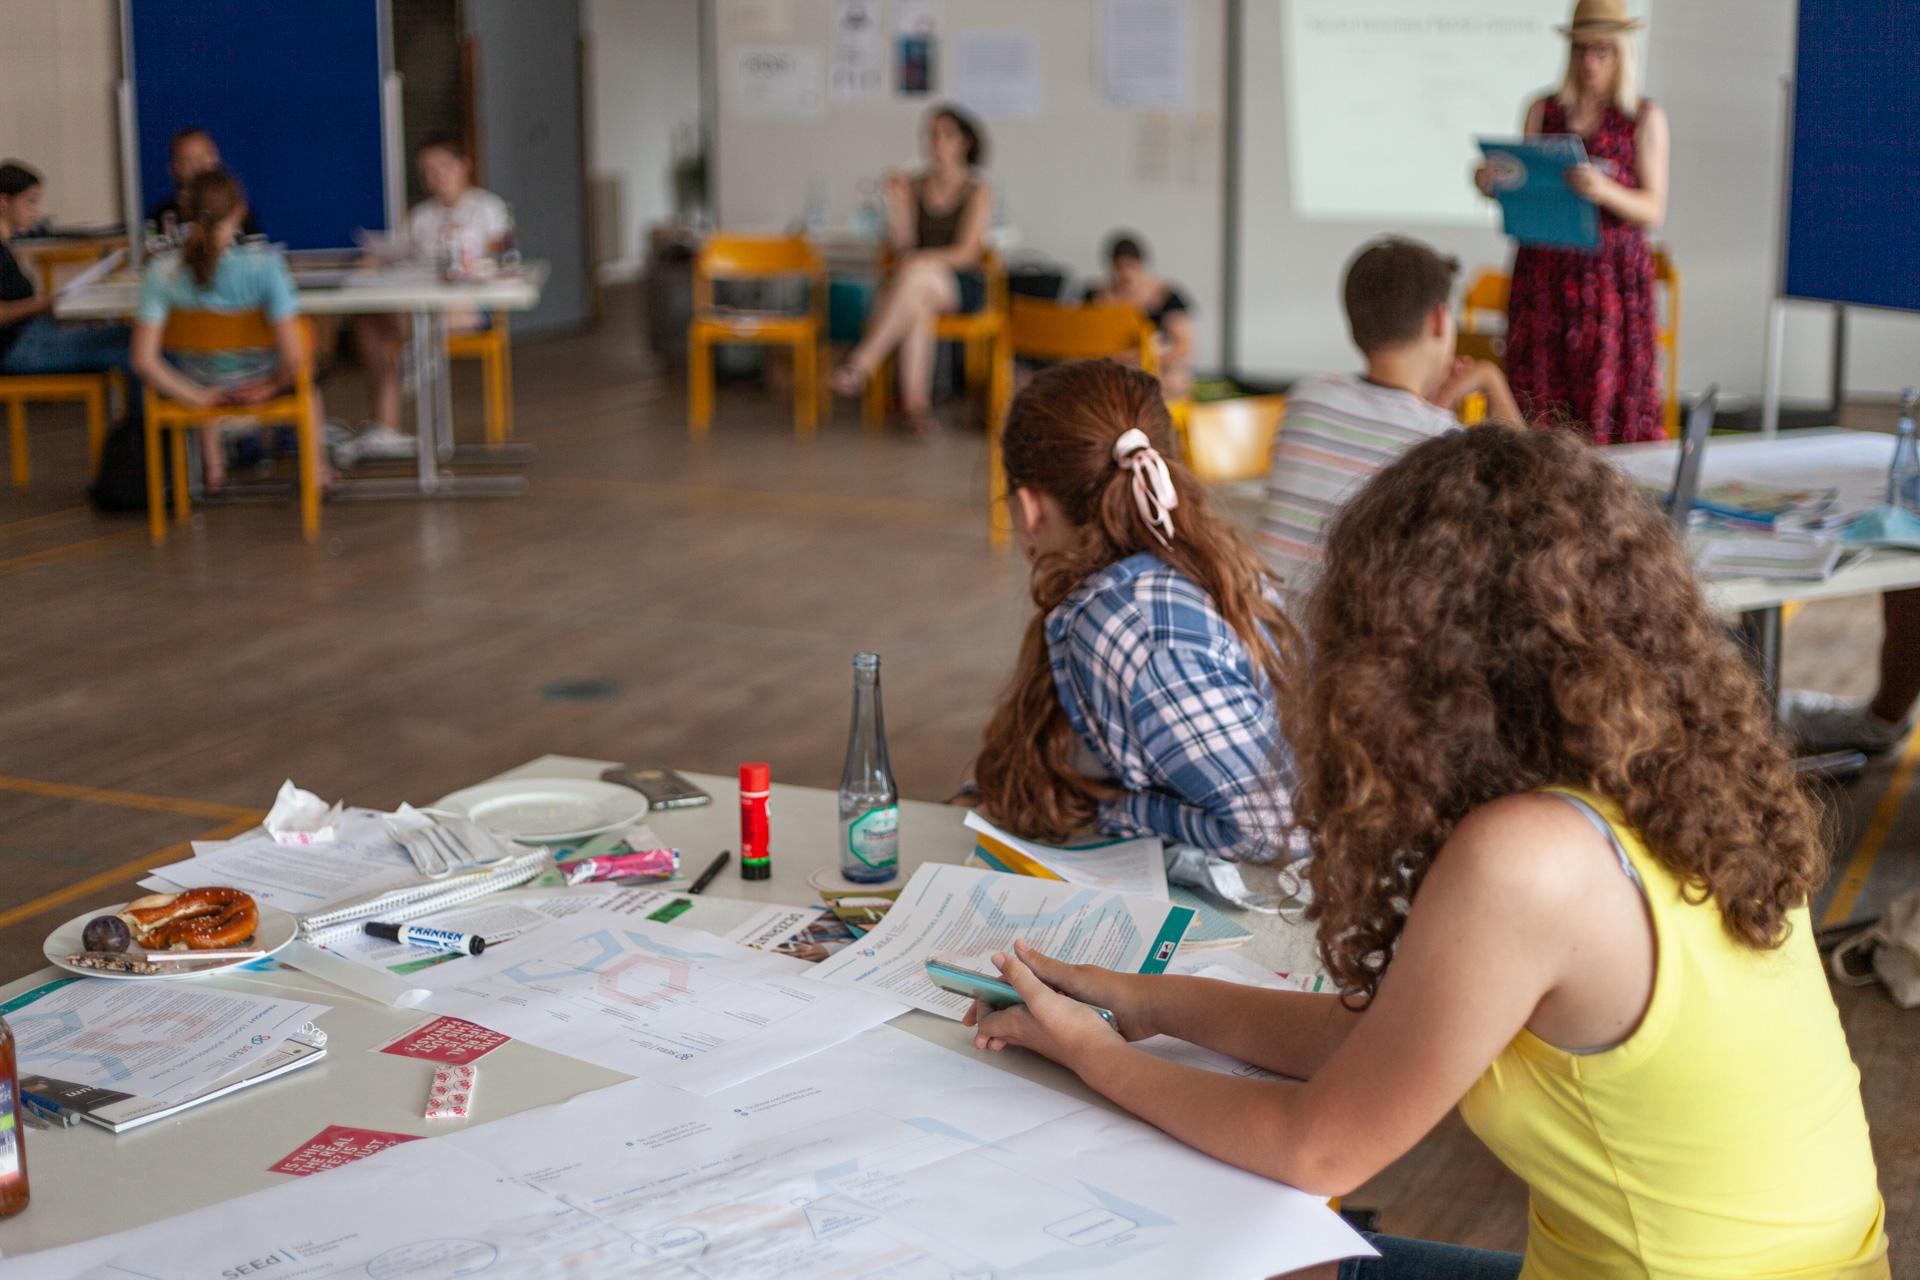 Hier sind junge Teilnehmende an einem Workshop zu sehen. Die Tische stehen in unserer Turnhalle weit auseinander, so dass man die Abstandsregeln einhalten kann